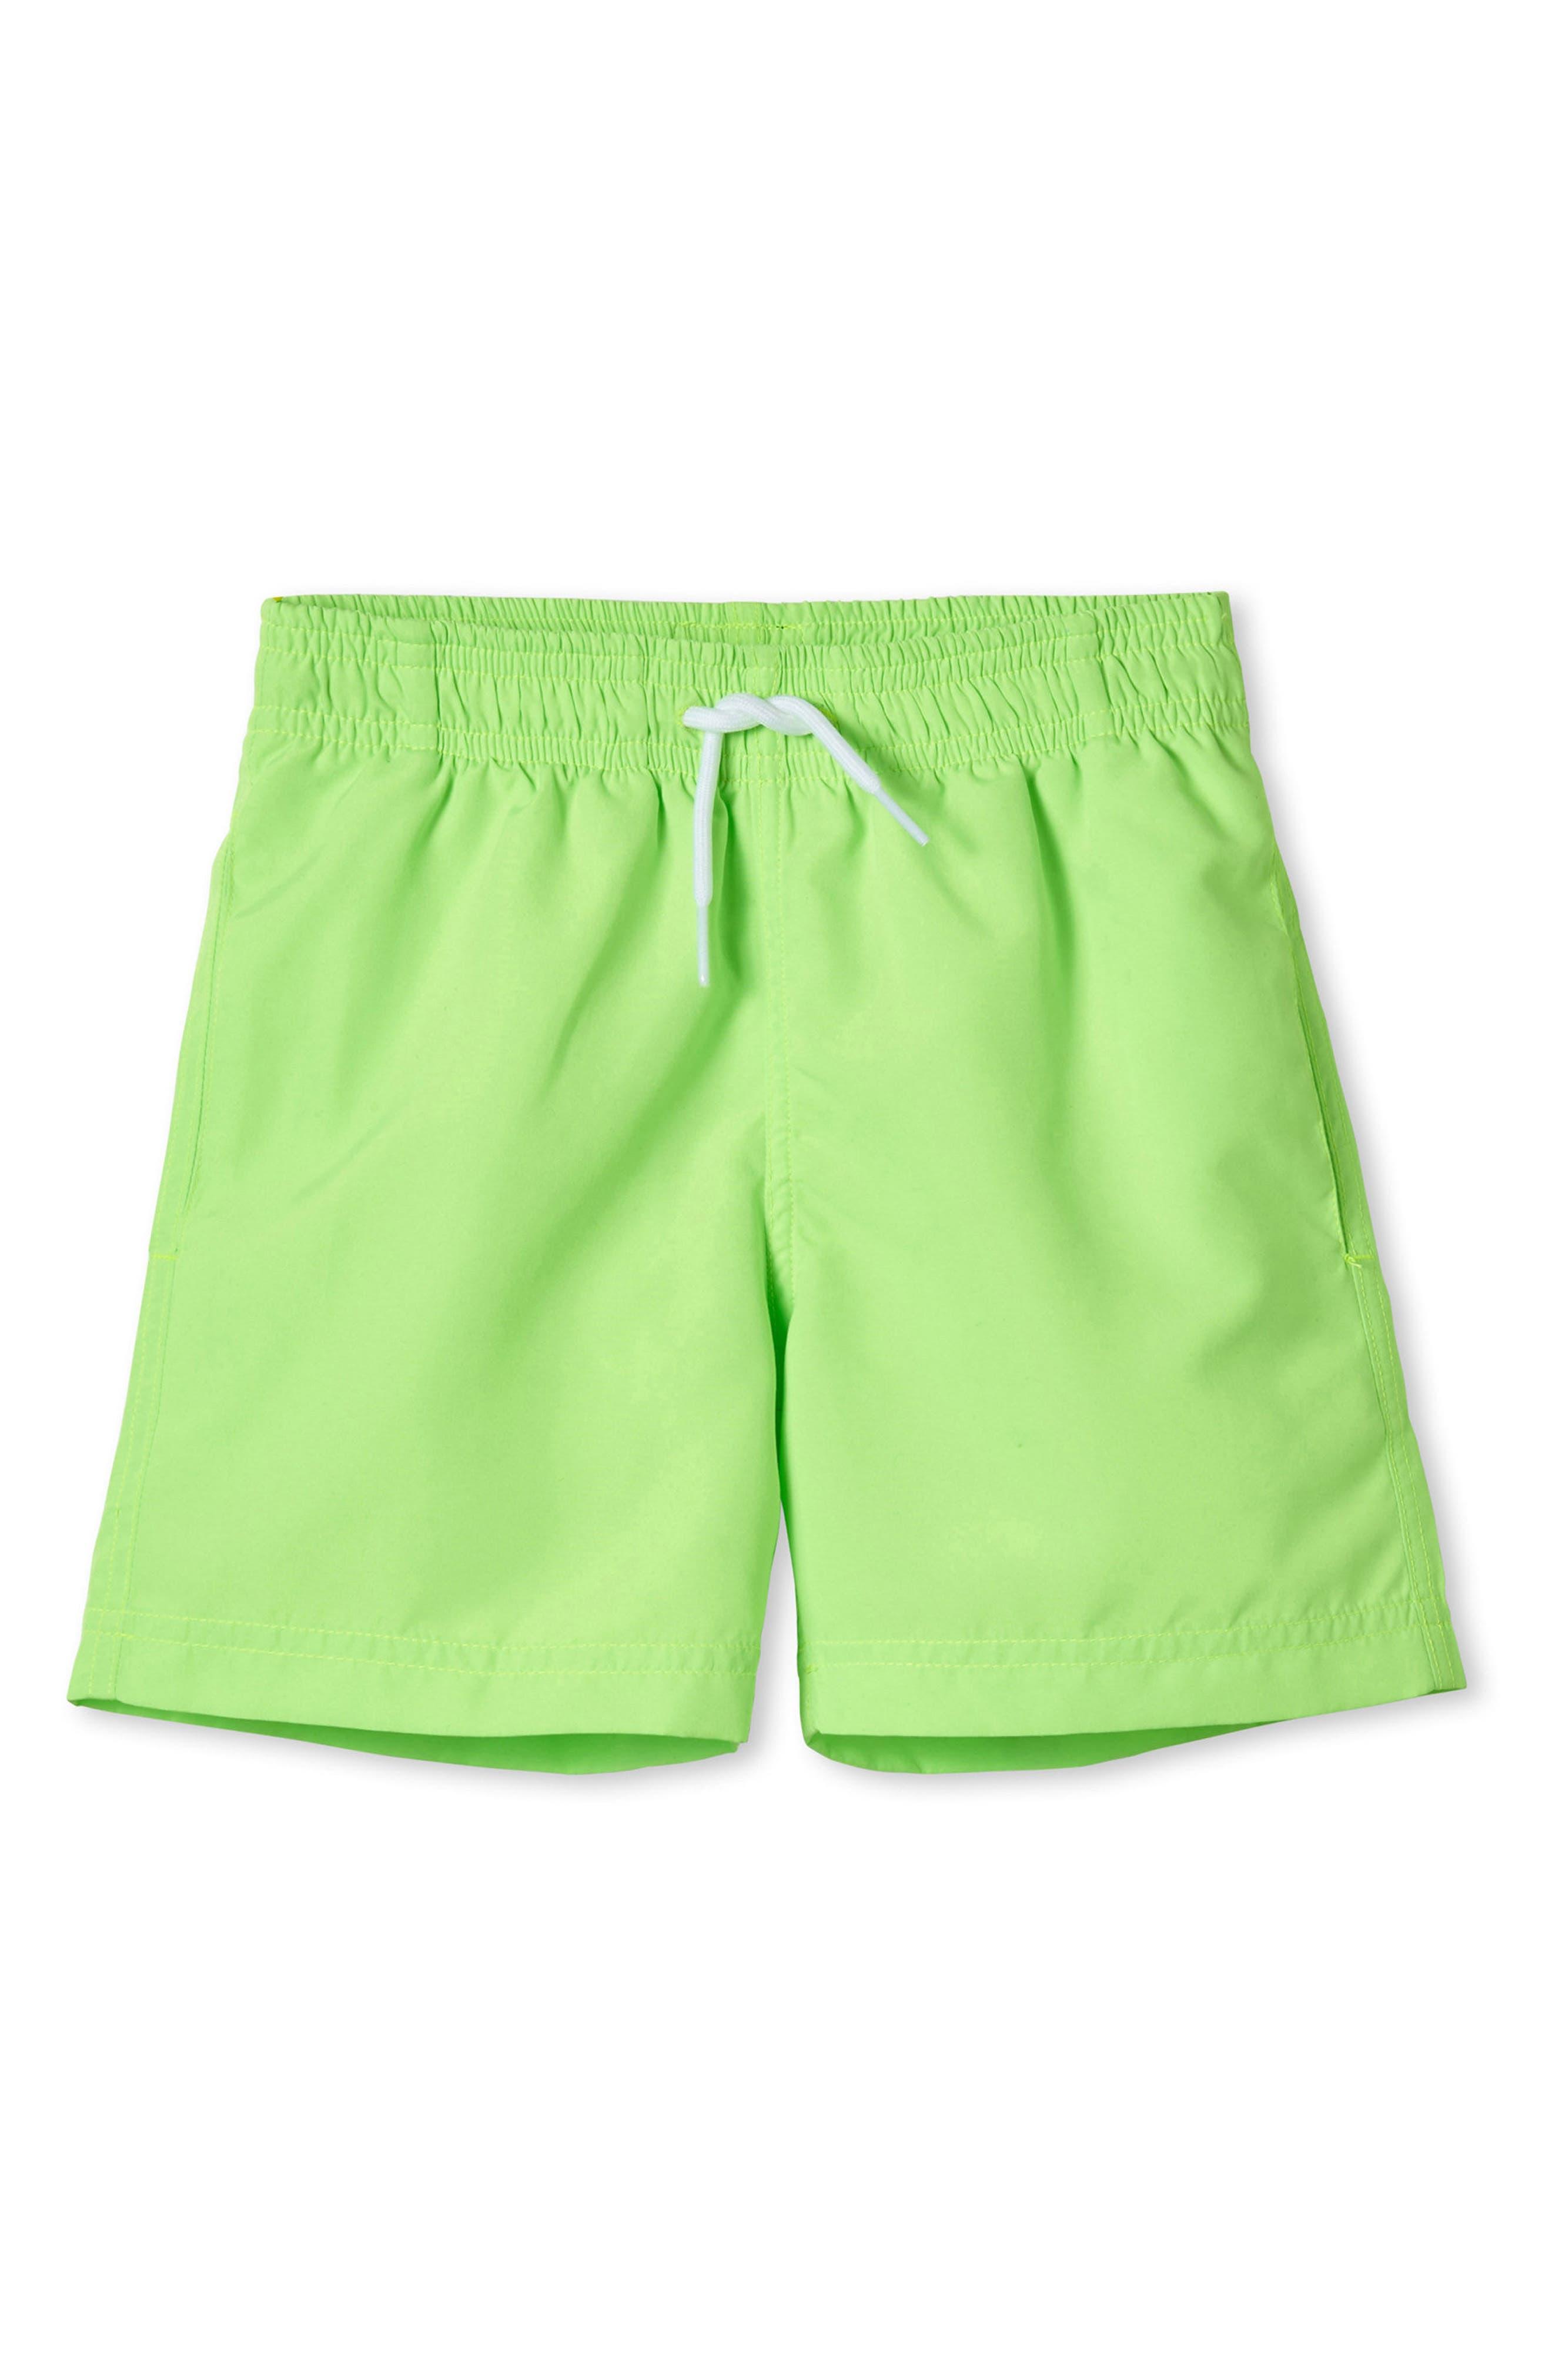 STELLA COVE Neon Green Swim Trunks, Main, color, 340